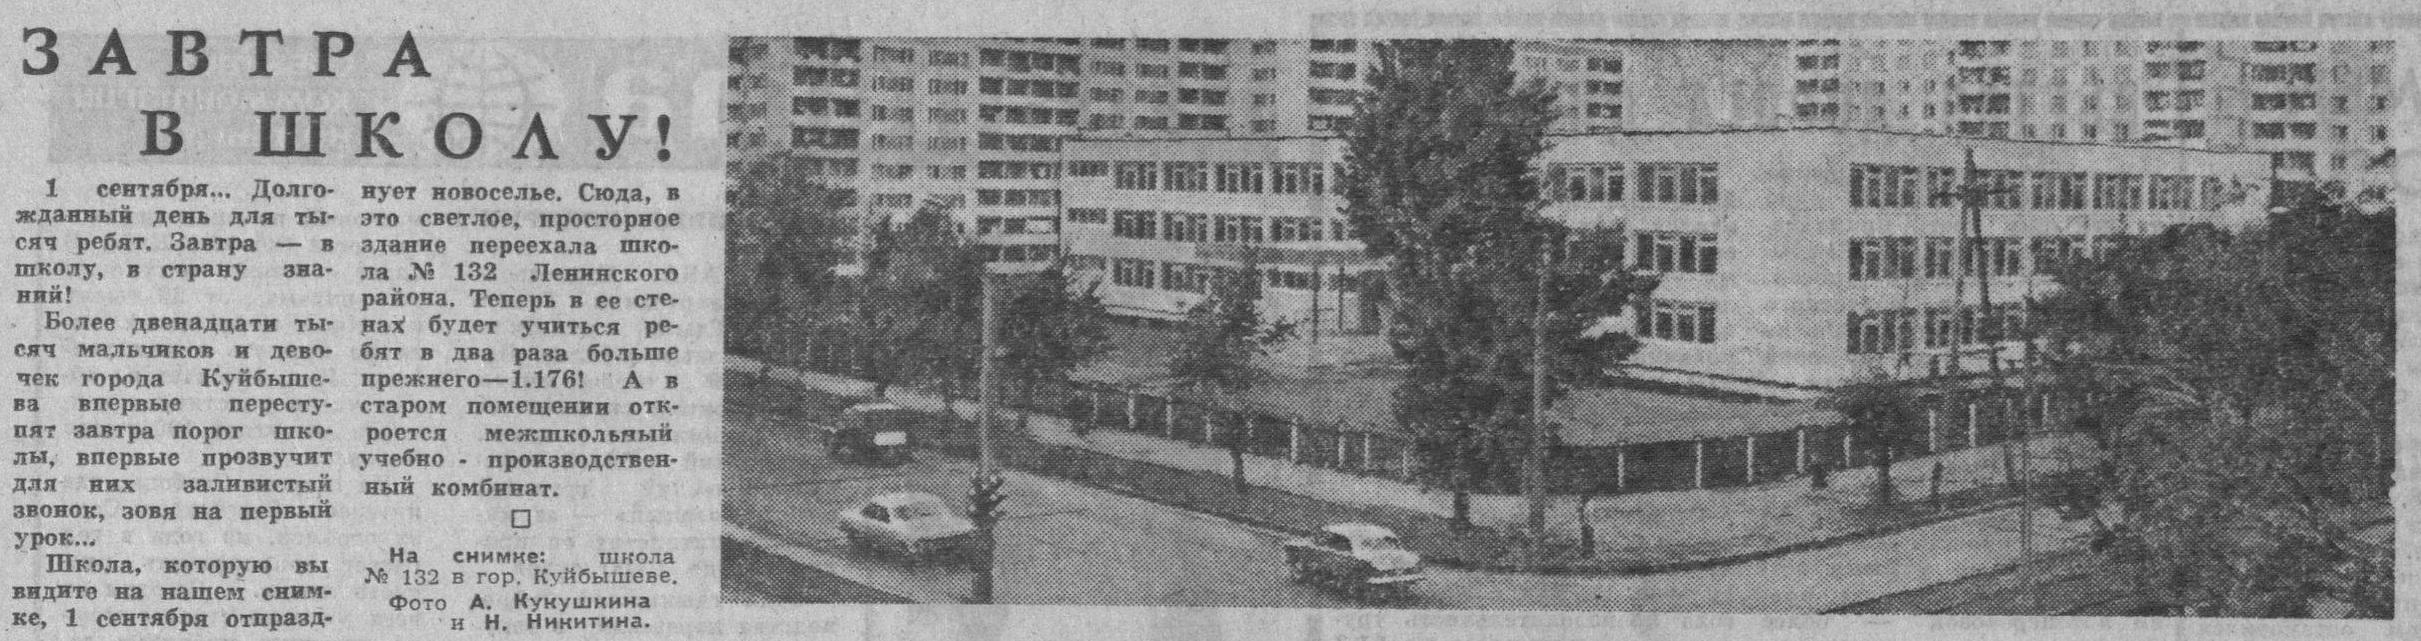 Коммунистическая-ФОТО-27-ВКа-1979-08-31-новая школа в Мич. мкр